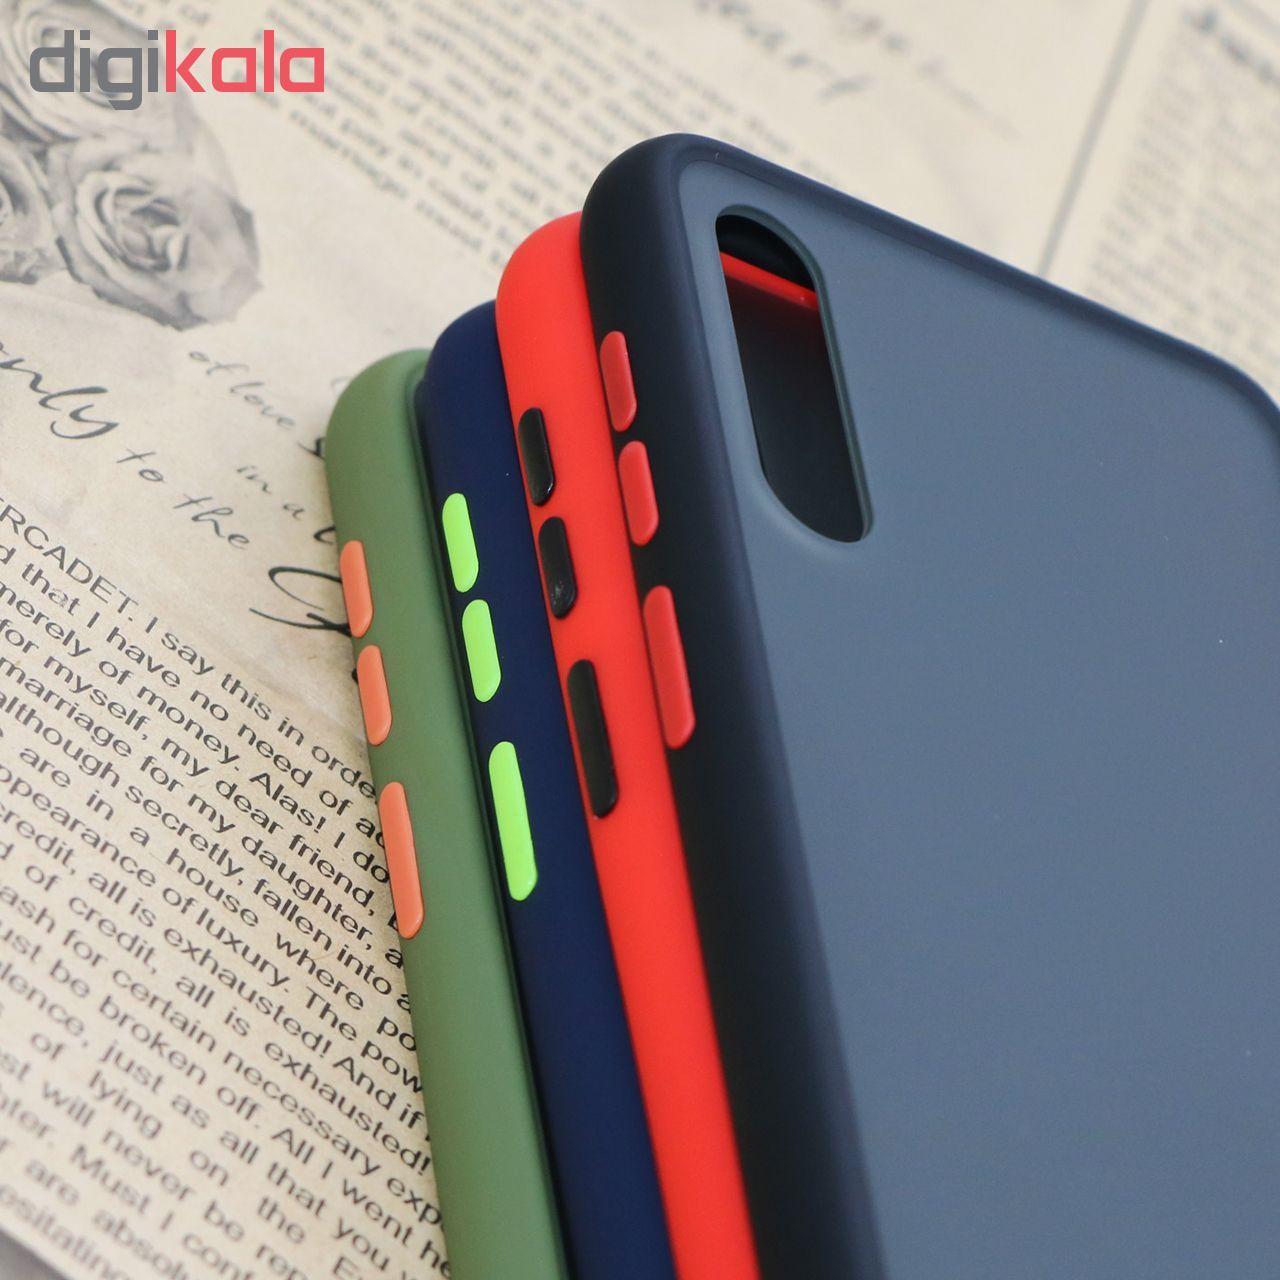 کاور مدل Sb-001 مناسب برای گوشی موبایل سامسونگ Galaxy A50/A30s/A50s به همراه محافظ صفحه نمایش Hard and Thick main 1 3